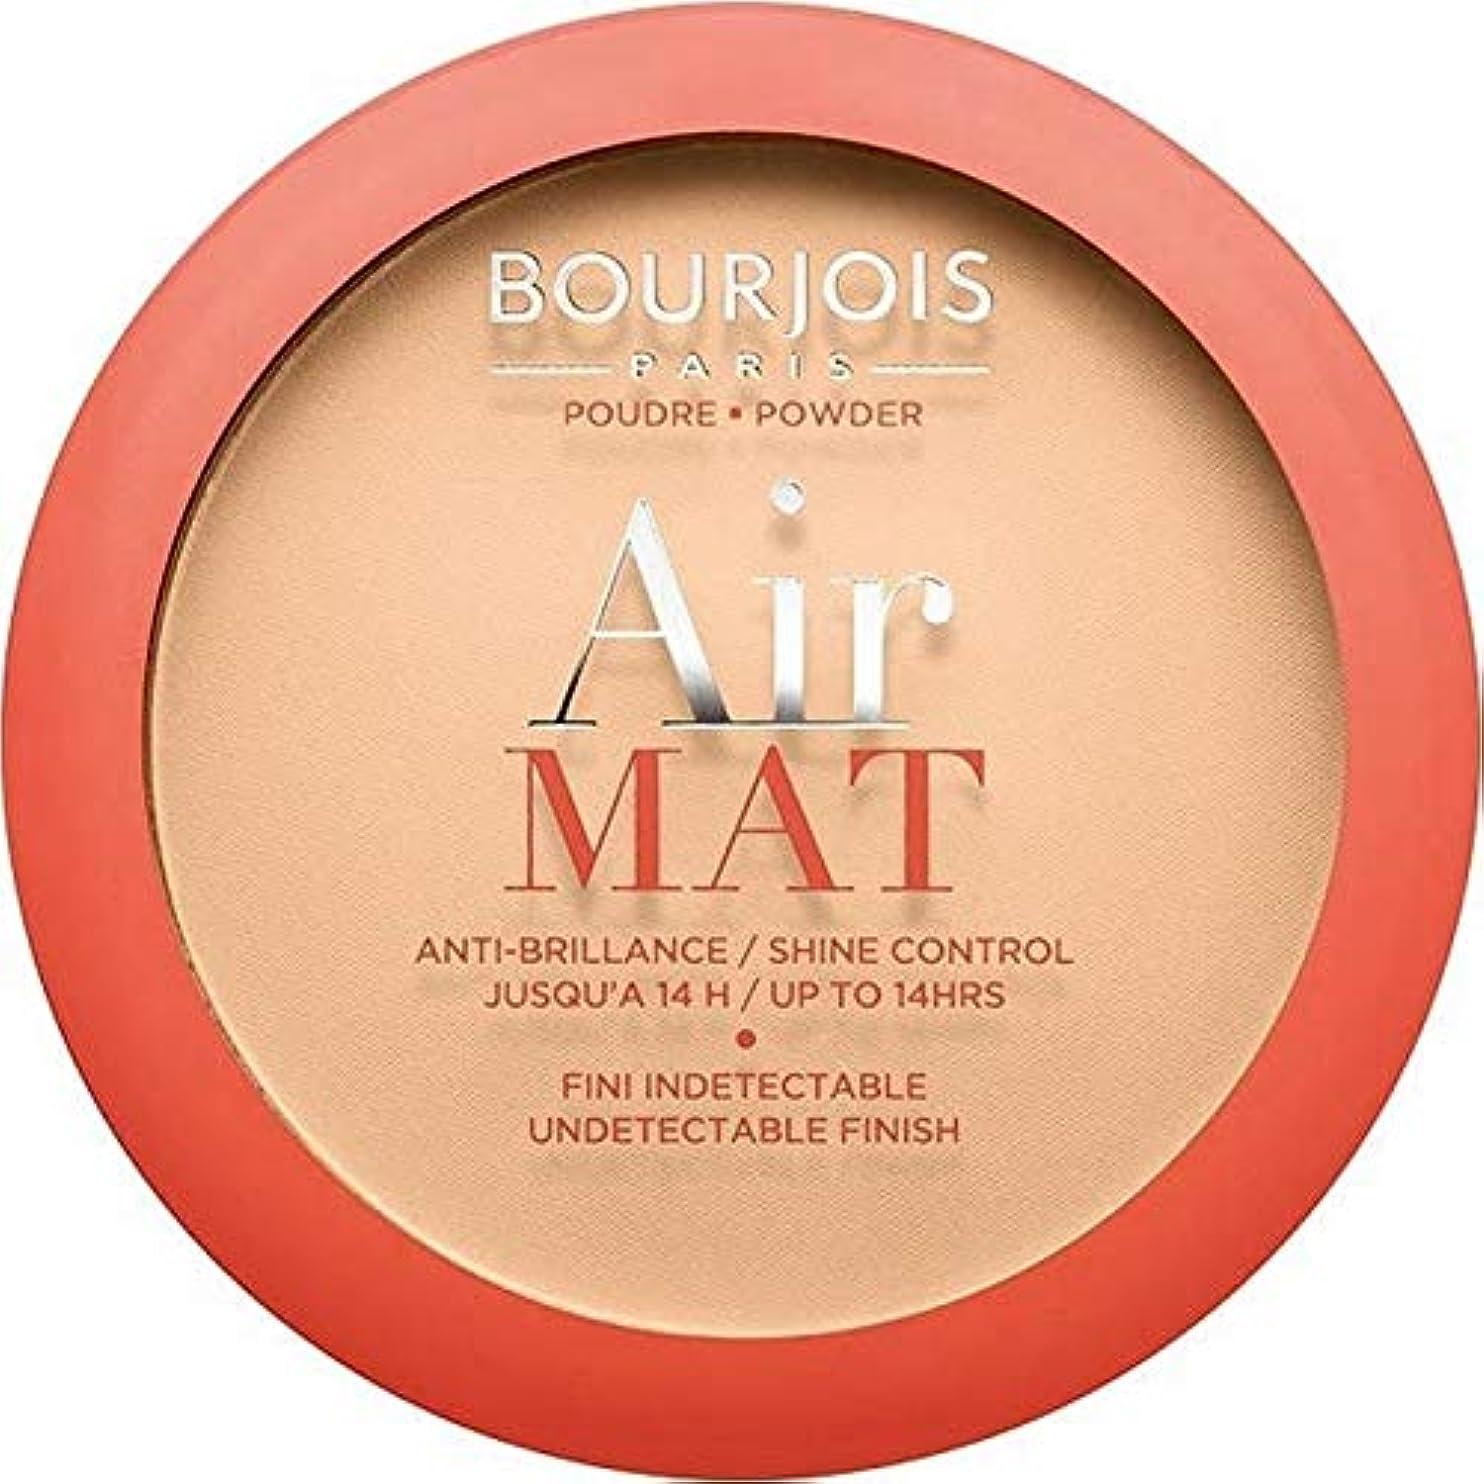 腐敗したスマッシュ電球[Bourjois ] ブルジョワ空気マット圧粉 - ライトベージュ - Bourjois Air Mat Pressed Powder - Light Beige [並行輸入品]